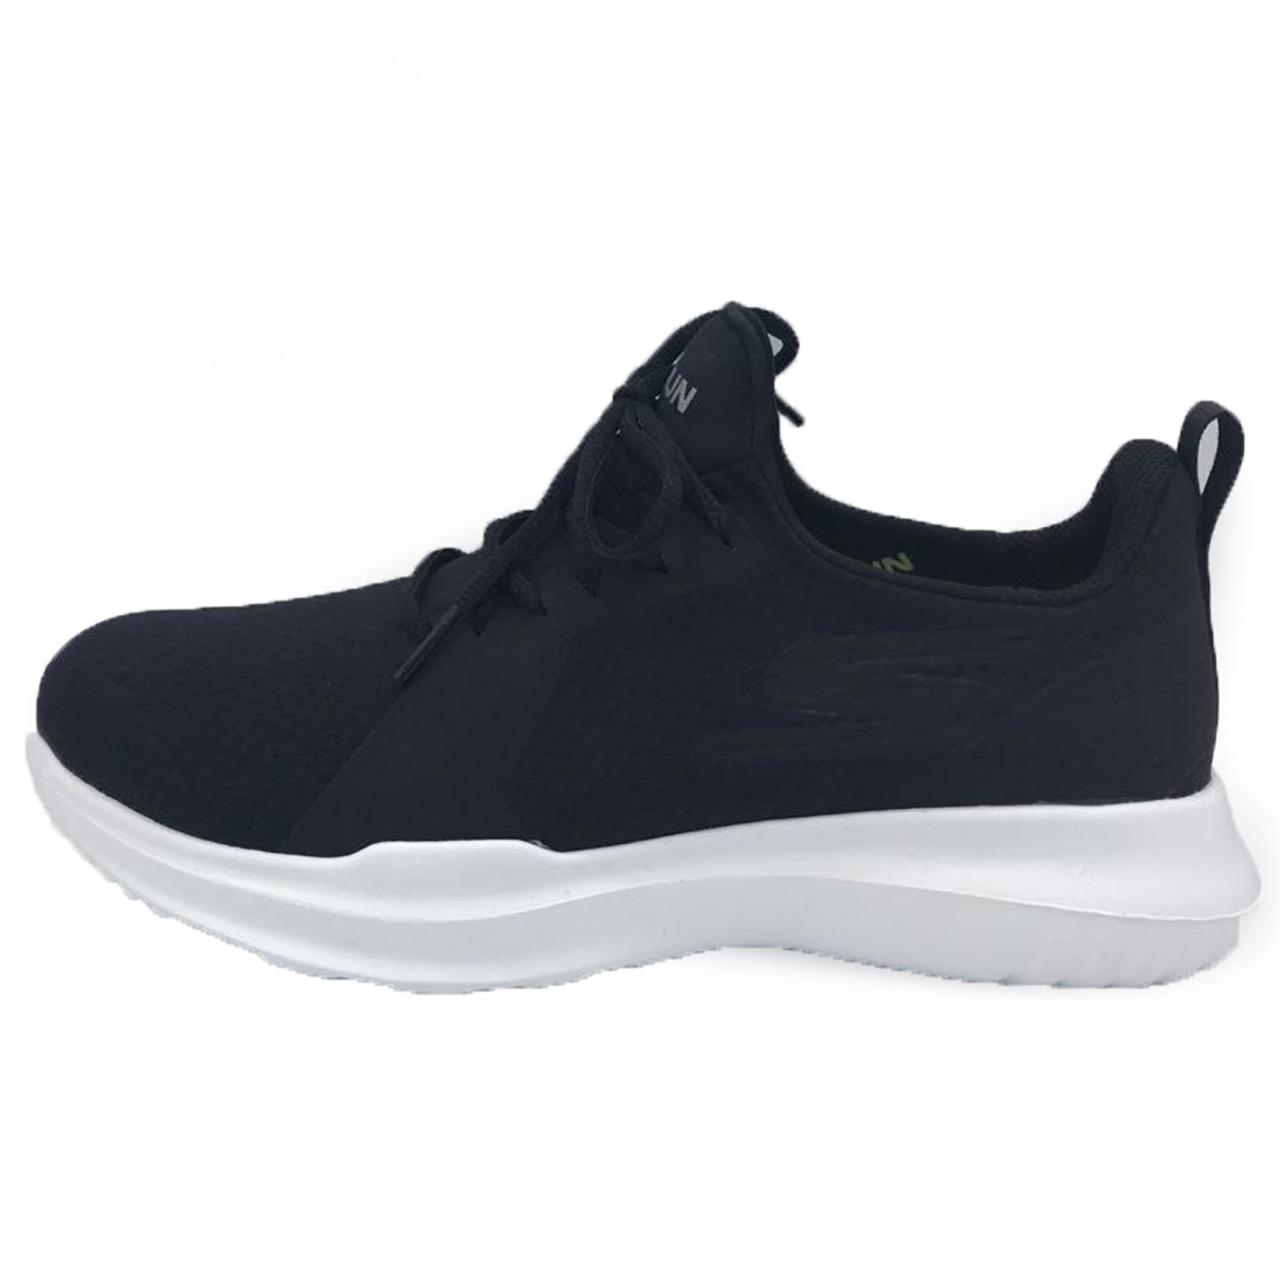 قیمت کفش مخصوص پیاده روی مردانه اسکچرز مدل Go Run